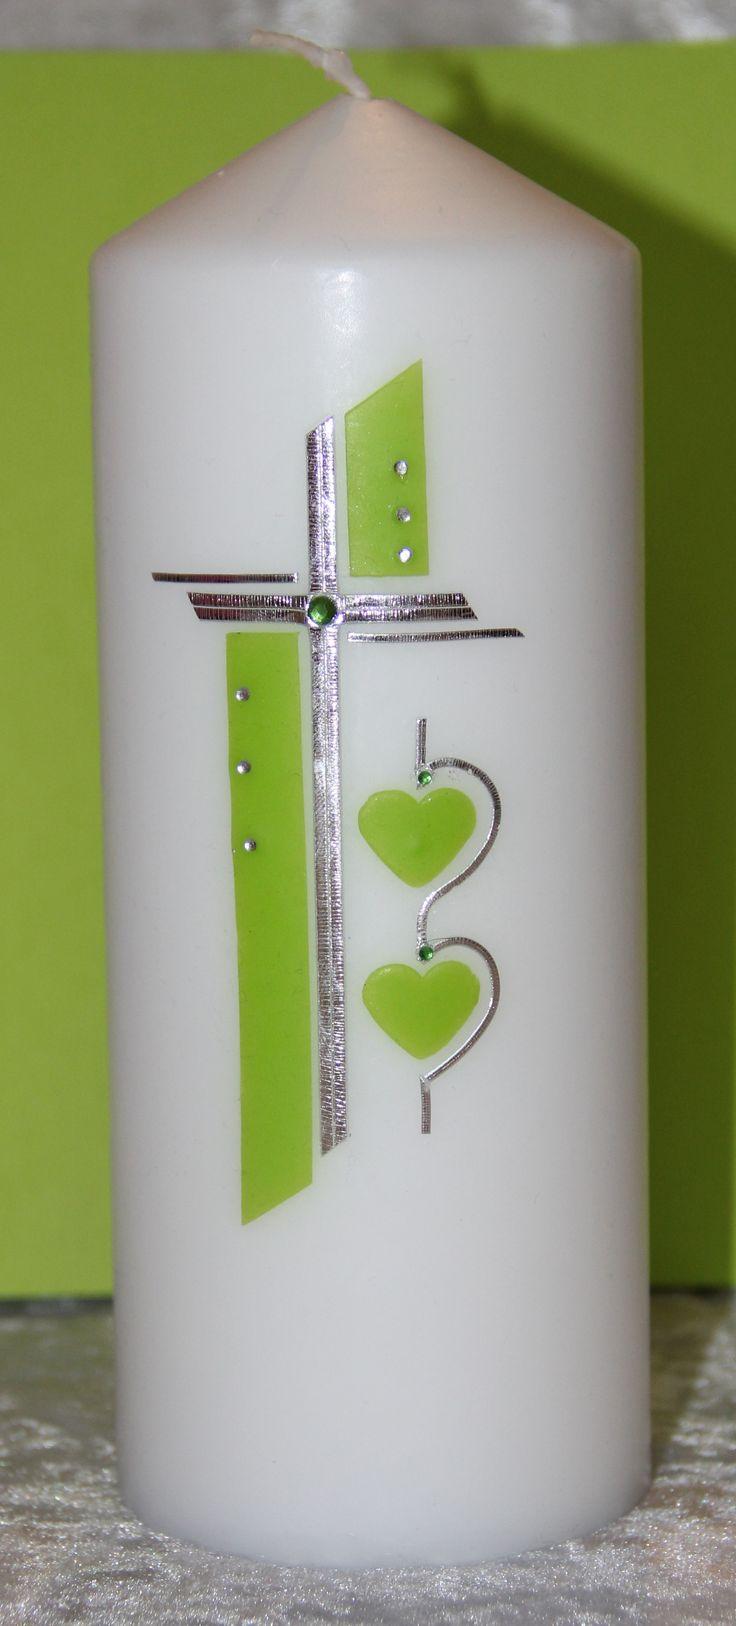 Stumpenkerze als Hochzeitskerze in hellgrün Mehr Infos in meinem Blog unter http://klein-aberfein.blogspot.co.at